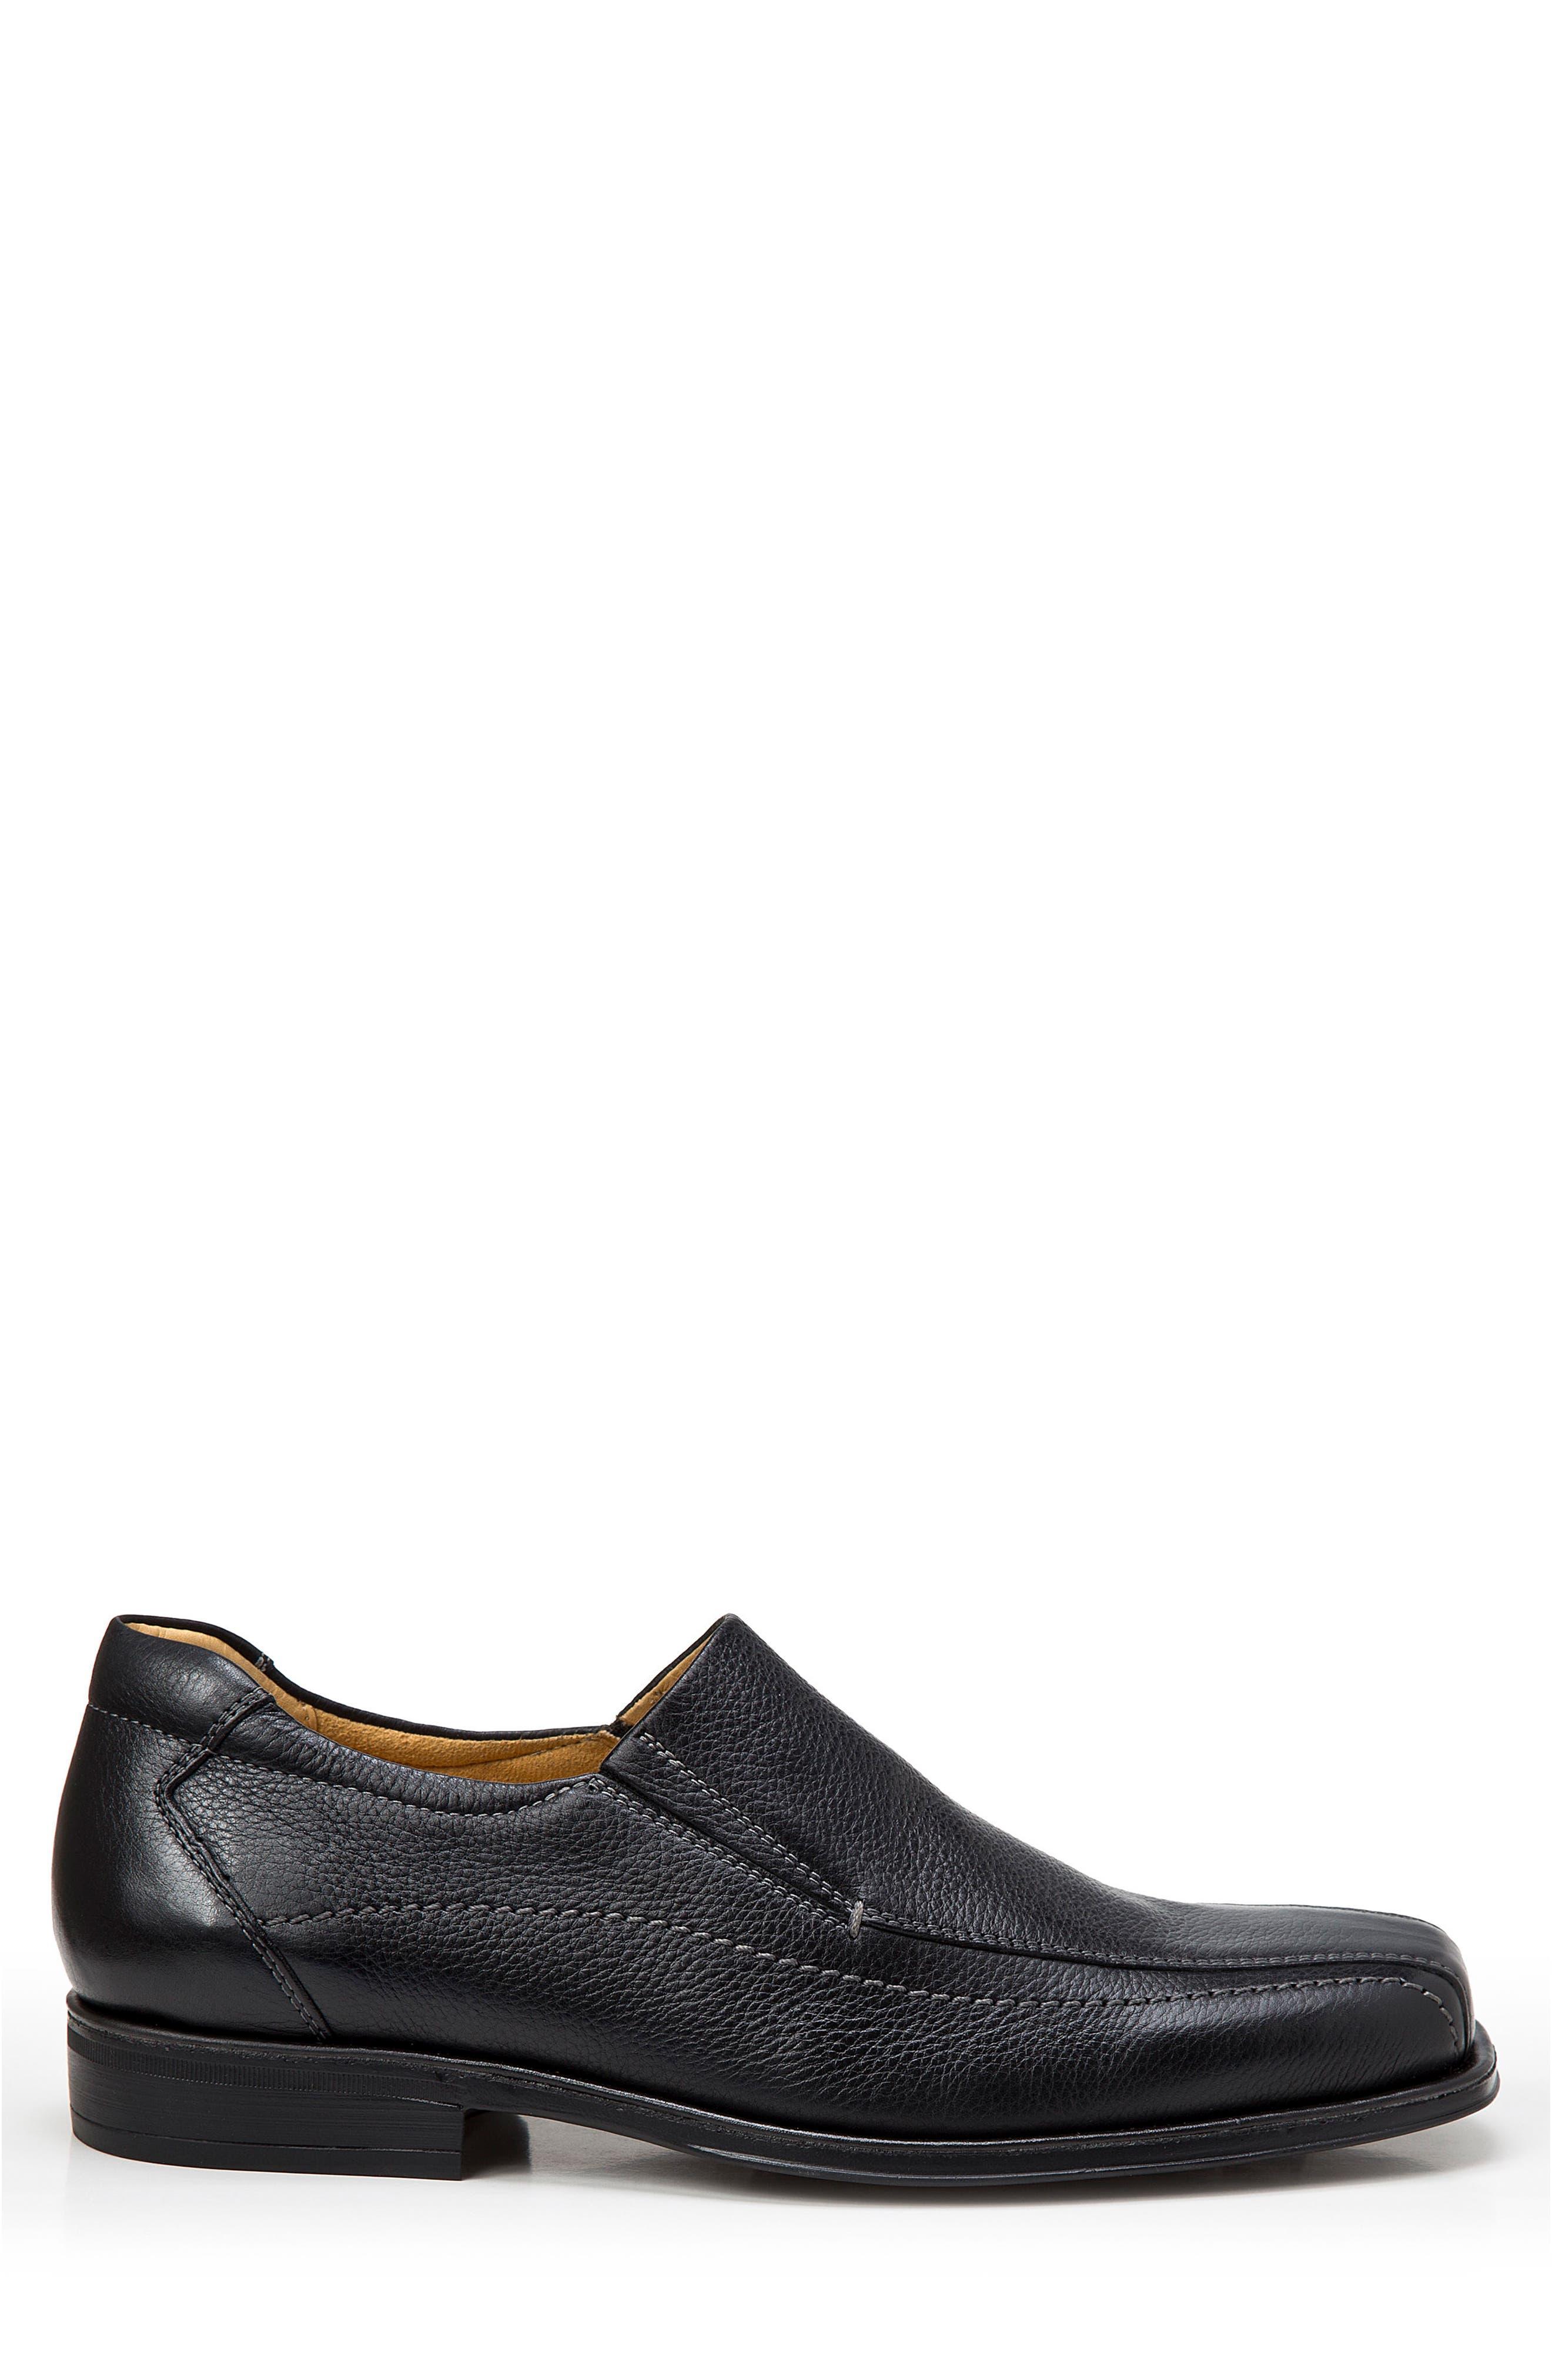 Elgin Venetian Loafer,                             Alternate thumbnail 3, color,                             001